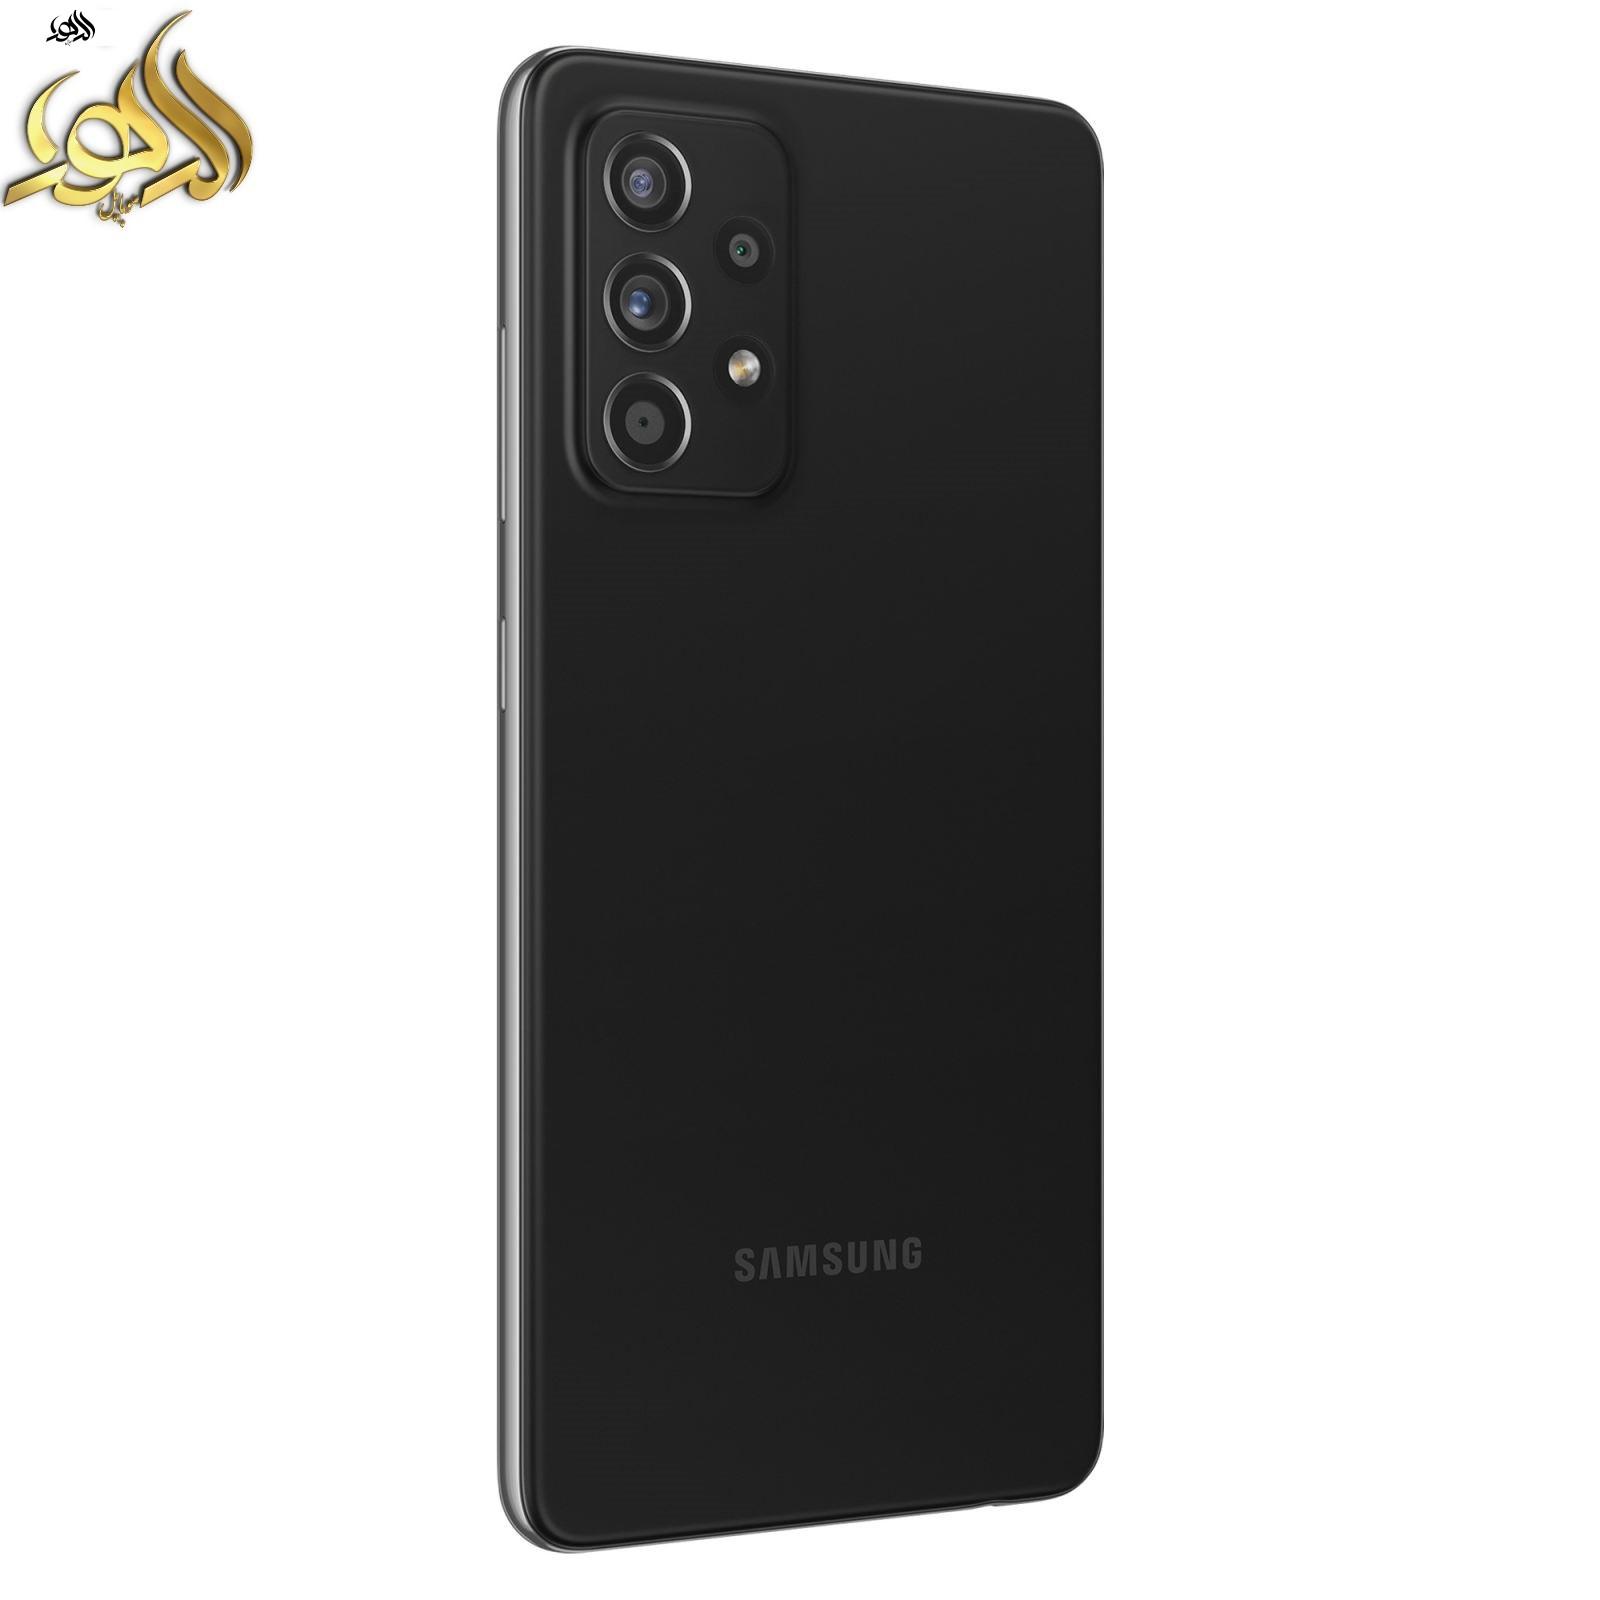 گوشی موبایل سامسونگ مدل A72 SM-A725F/DS دو سیمکارت ظرفیت 128 گیگابایت و رم 8 گیگابایت